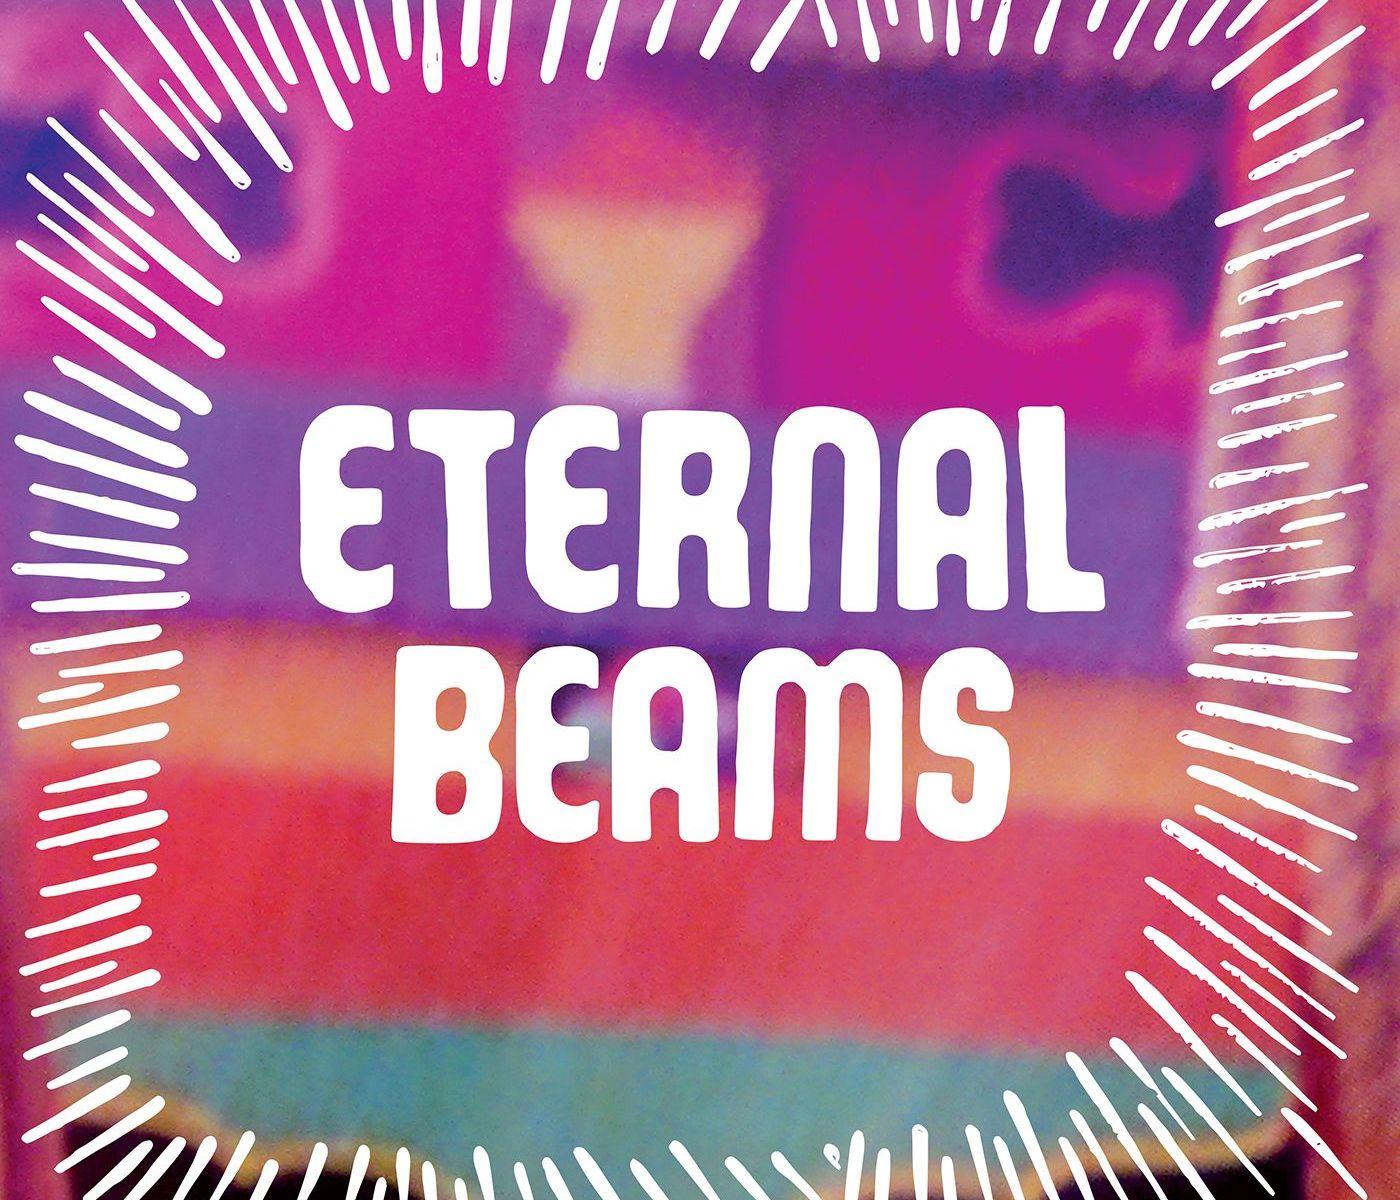 seahawks eternal beams review